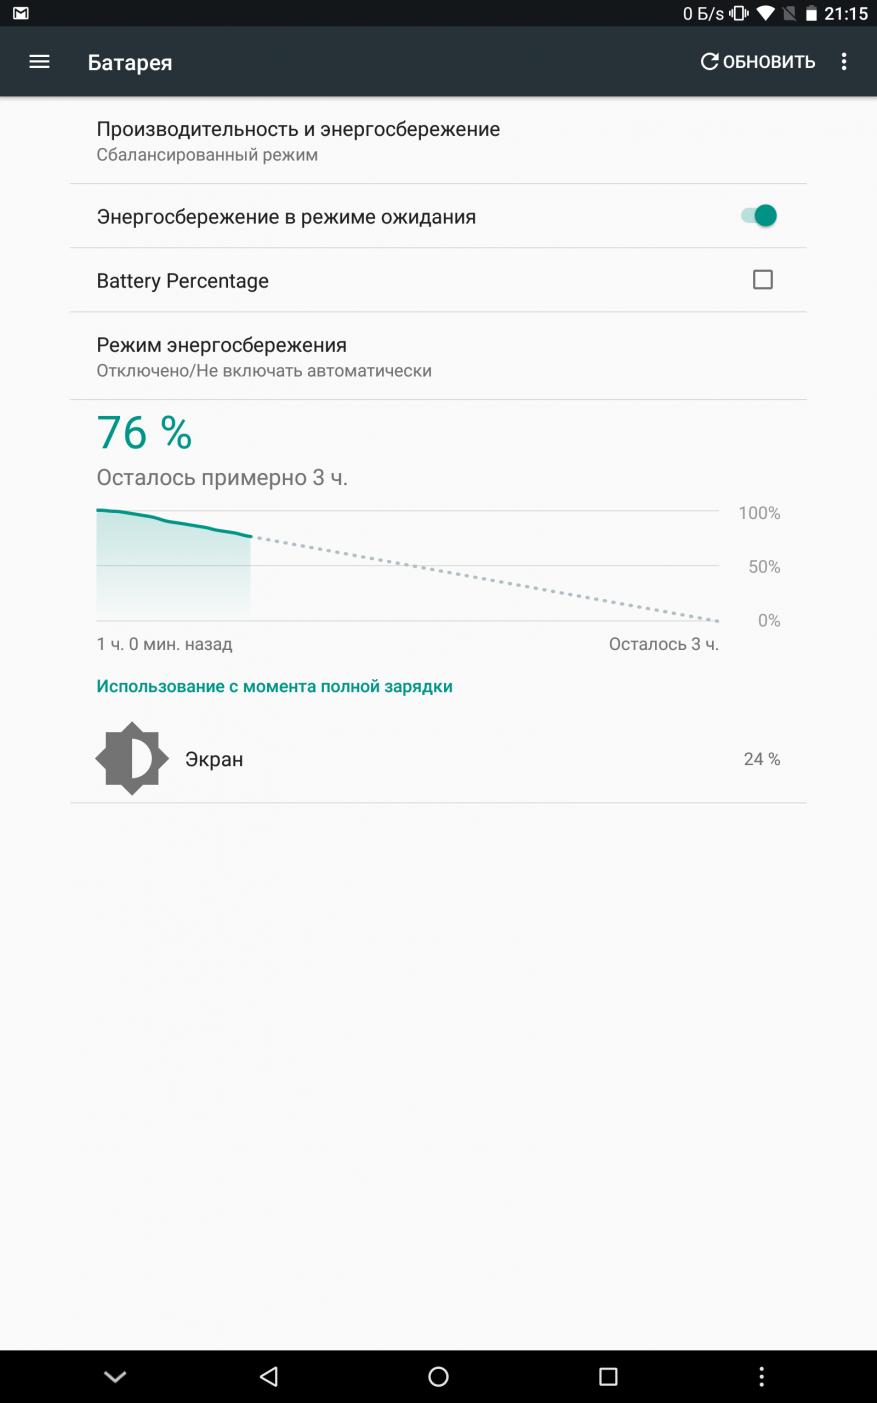 GearBest: ALLDOCUBE X1  - обзор 4G планшета с 8,4 Magic Color 2.5K экраном, 10 ядерным Helio X20 и 4GB/64GB памяти